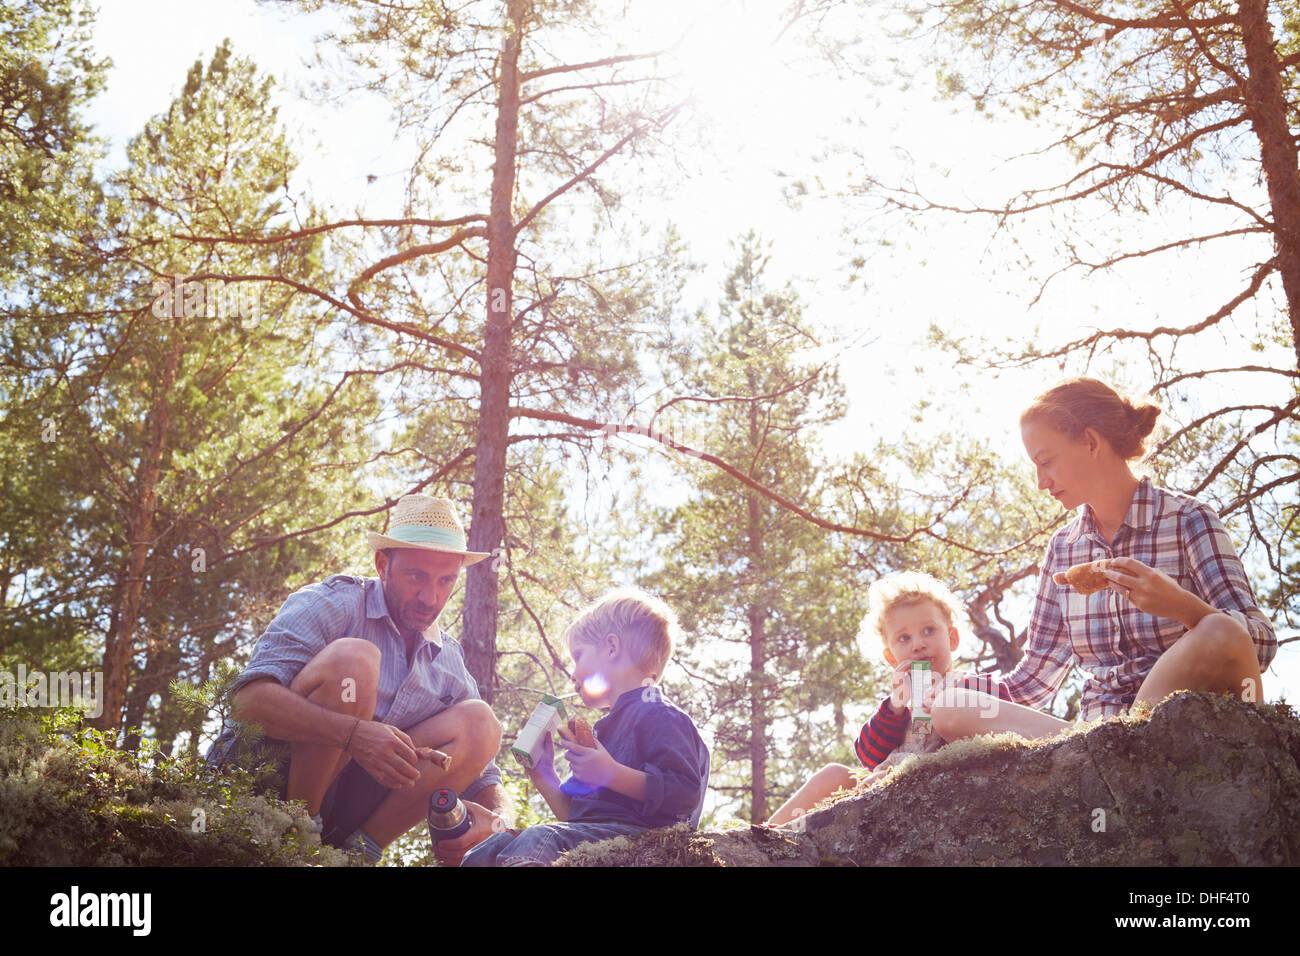 Family having picnic assis sur des rochers Photo Stock